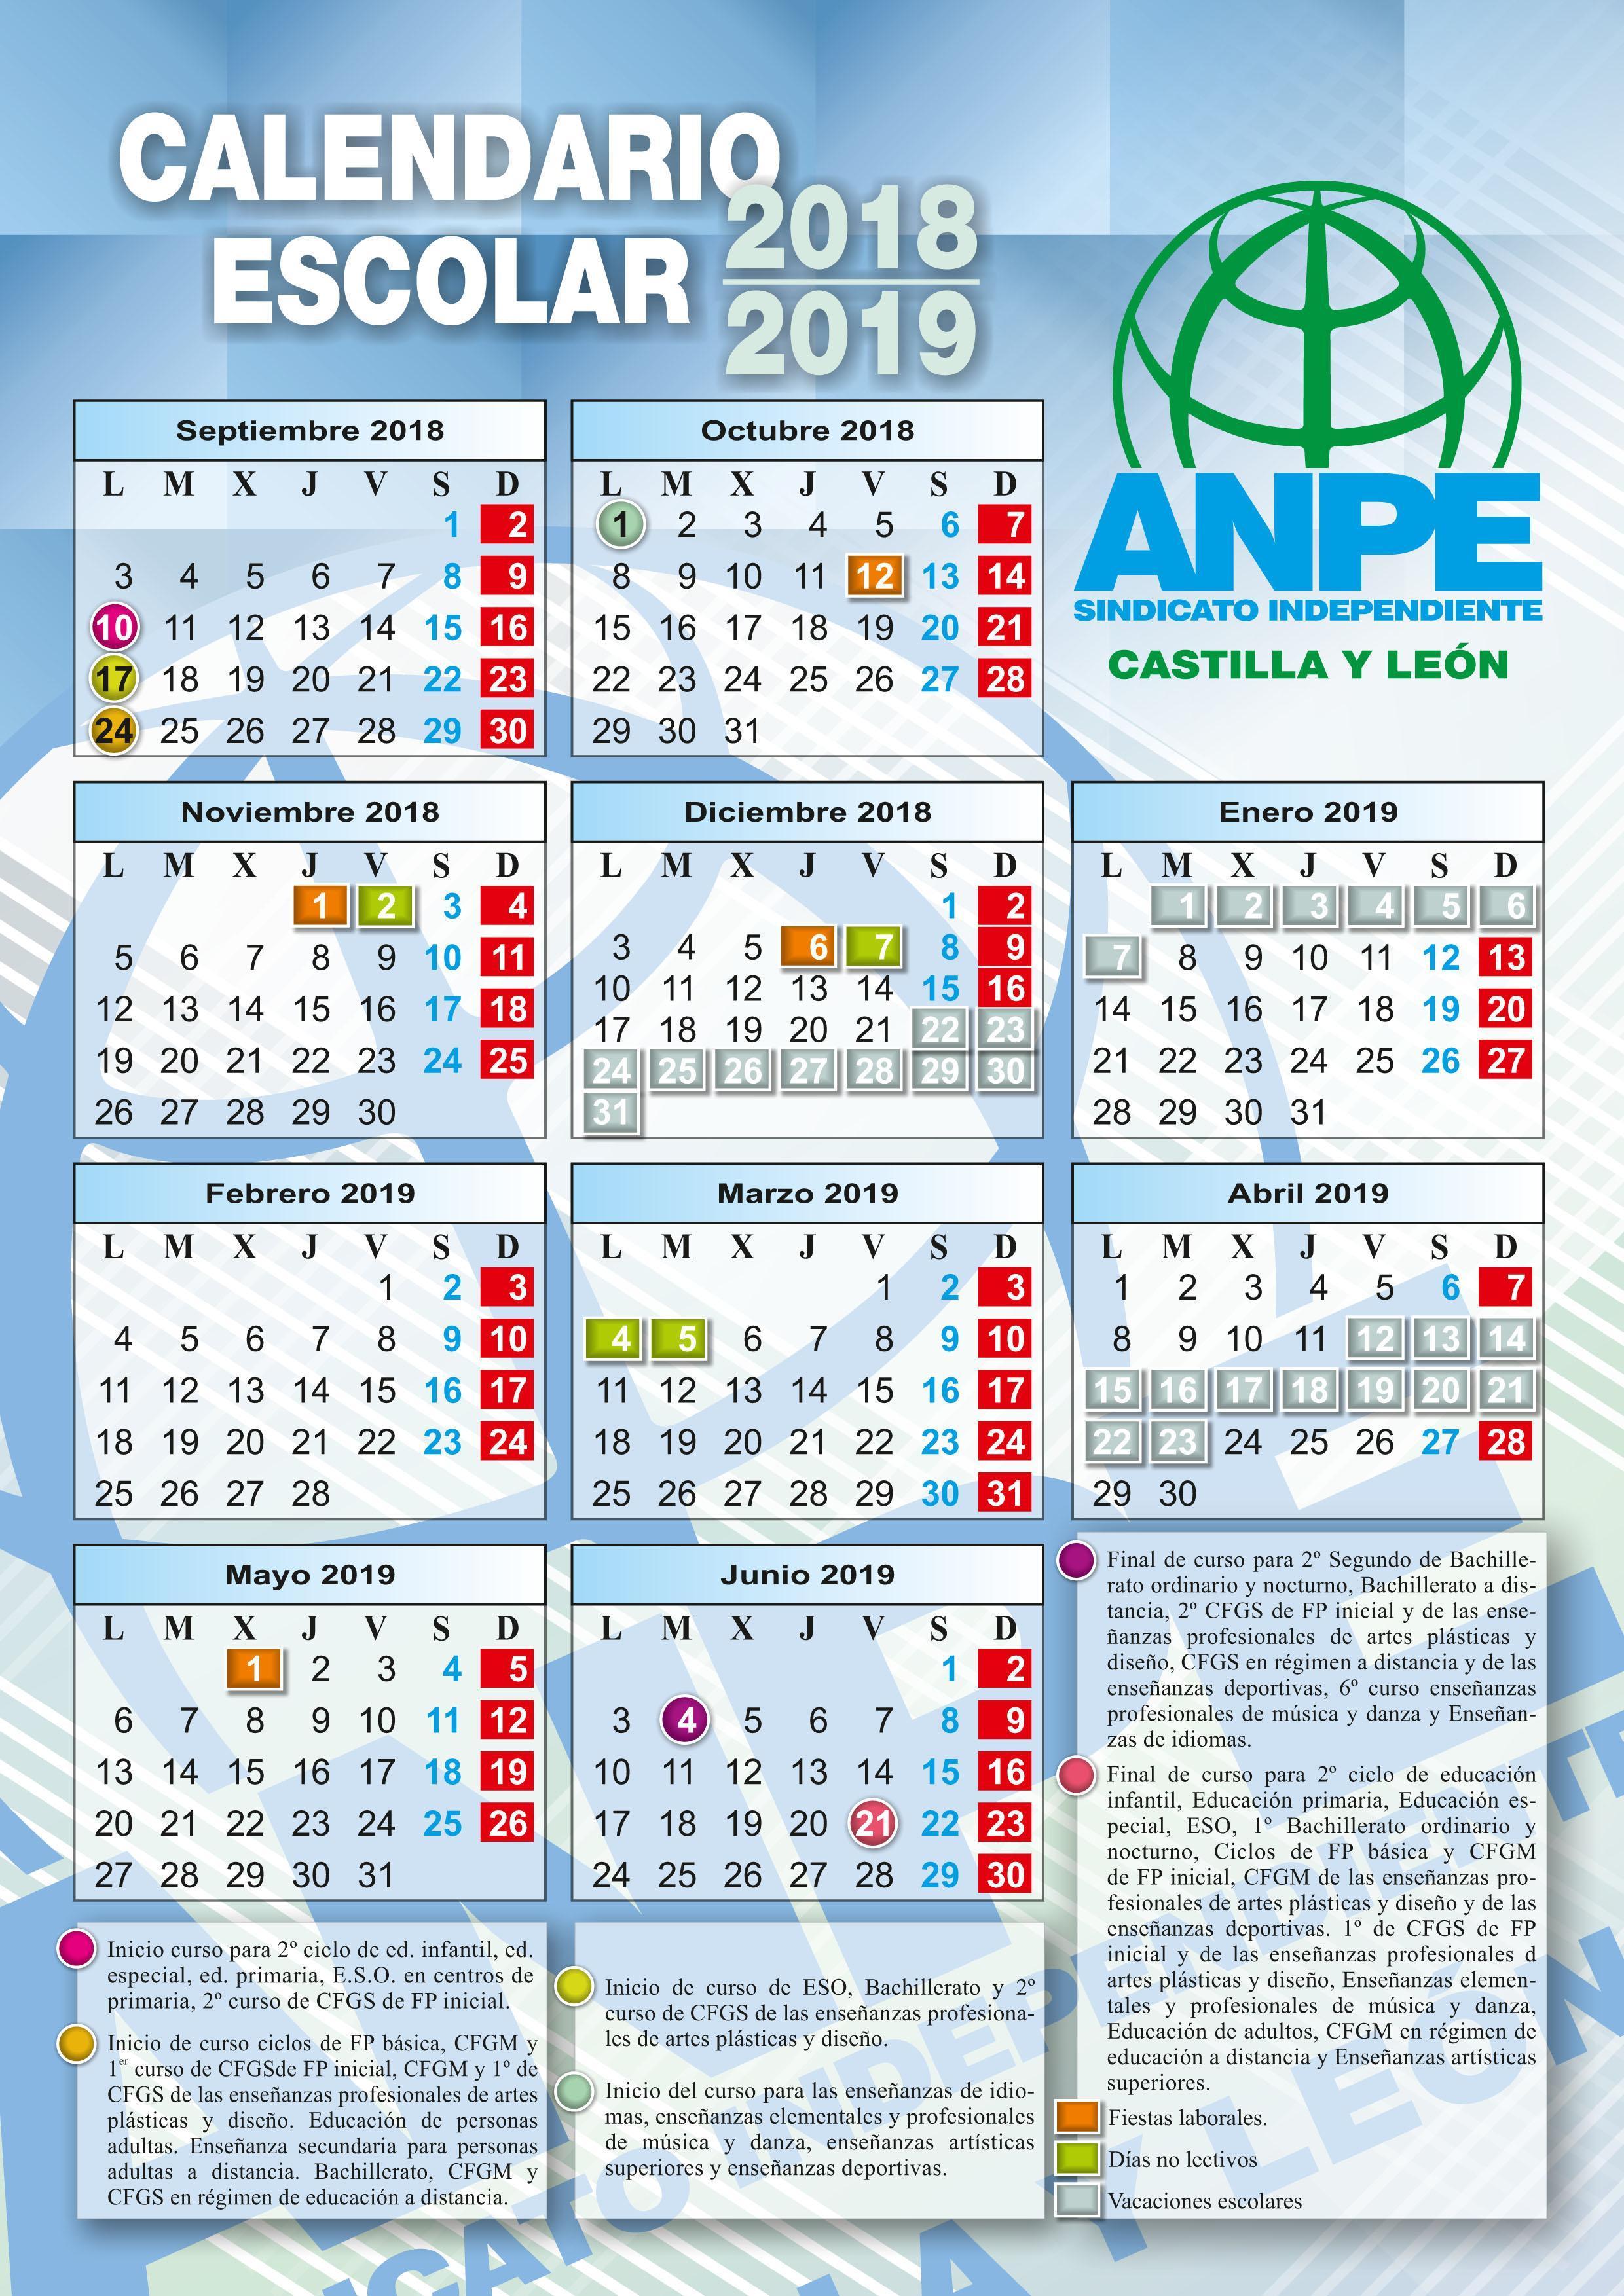 Calendario 2019 Castilla Y Leon.Calendario Escolar De Anpe Castilla Y Leon Curso 2018 2019 Noticia